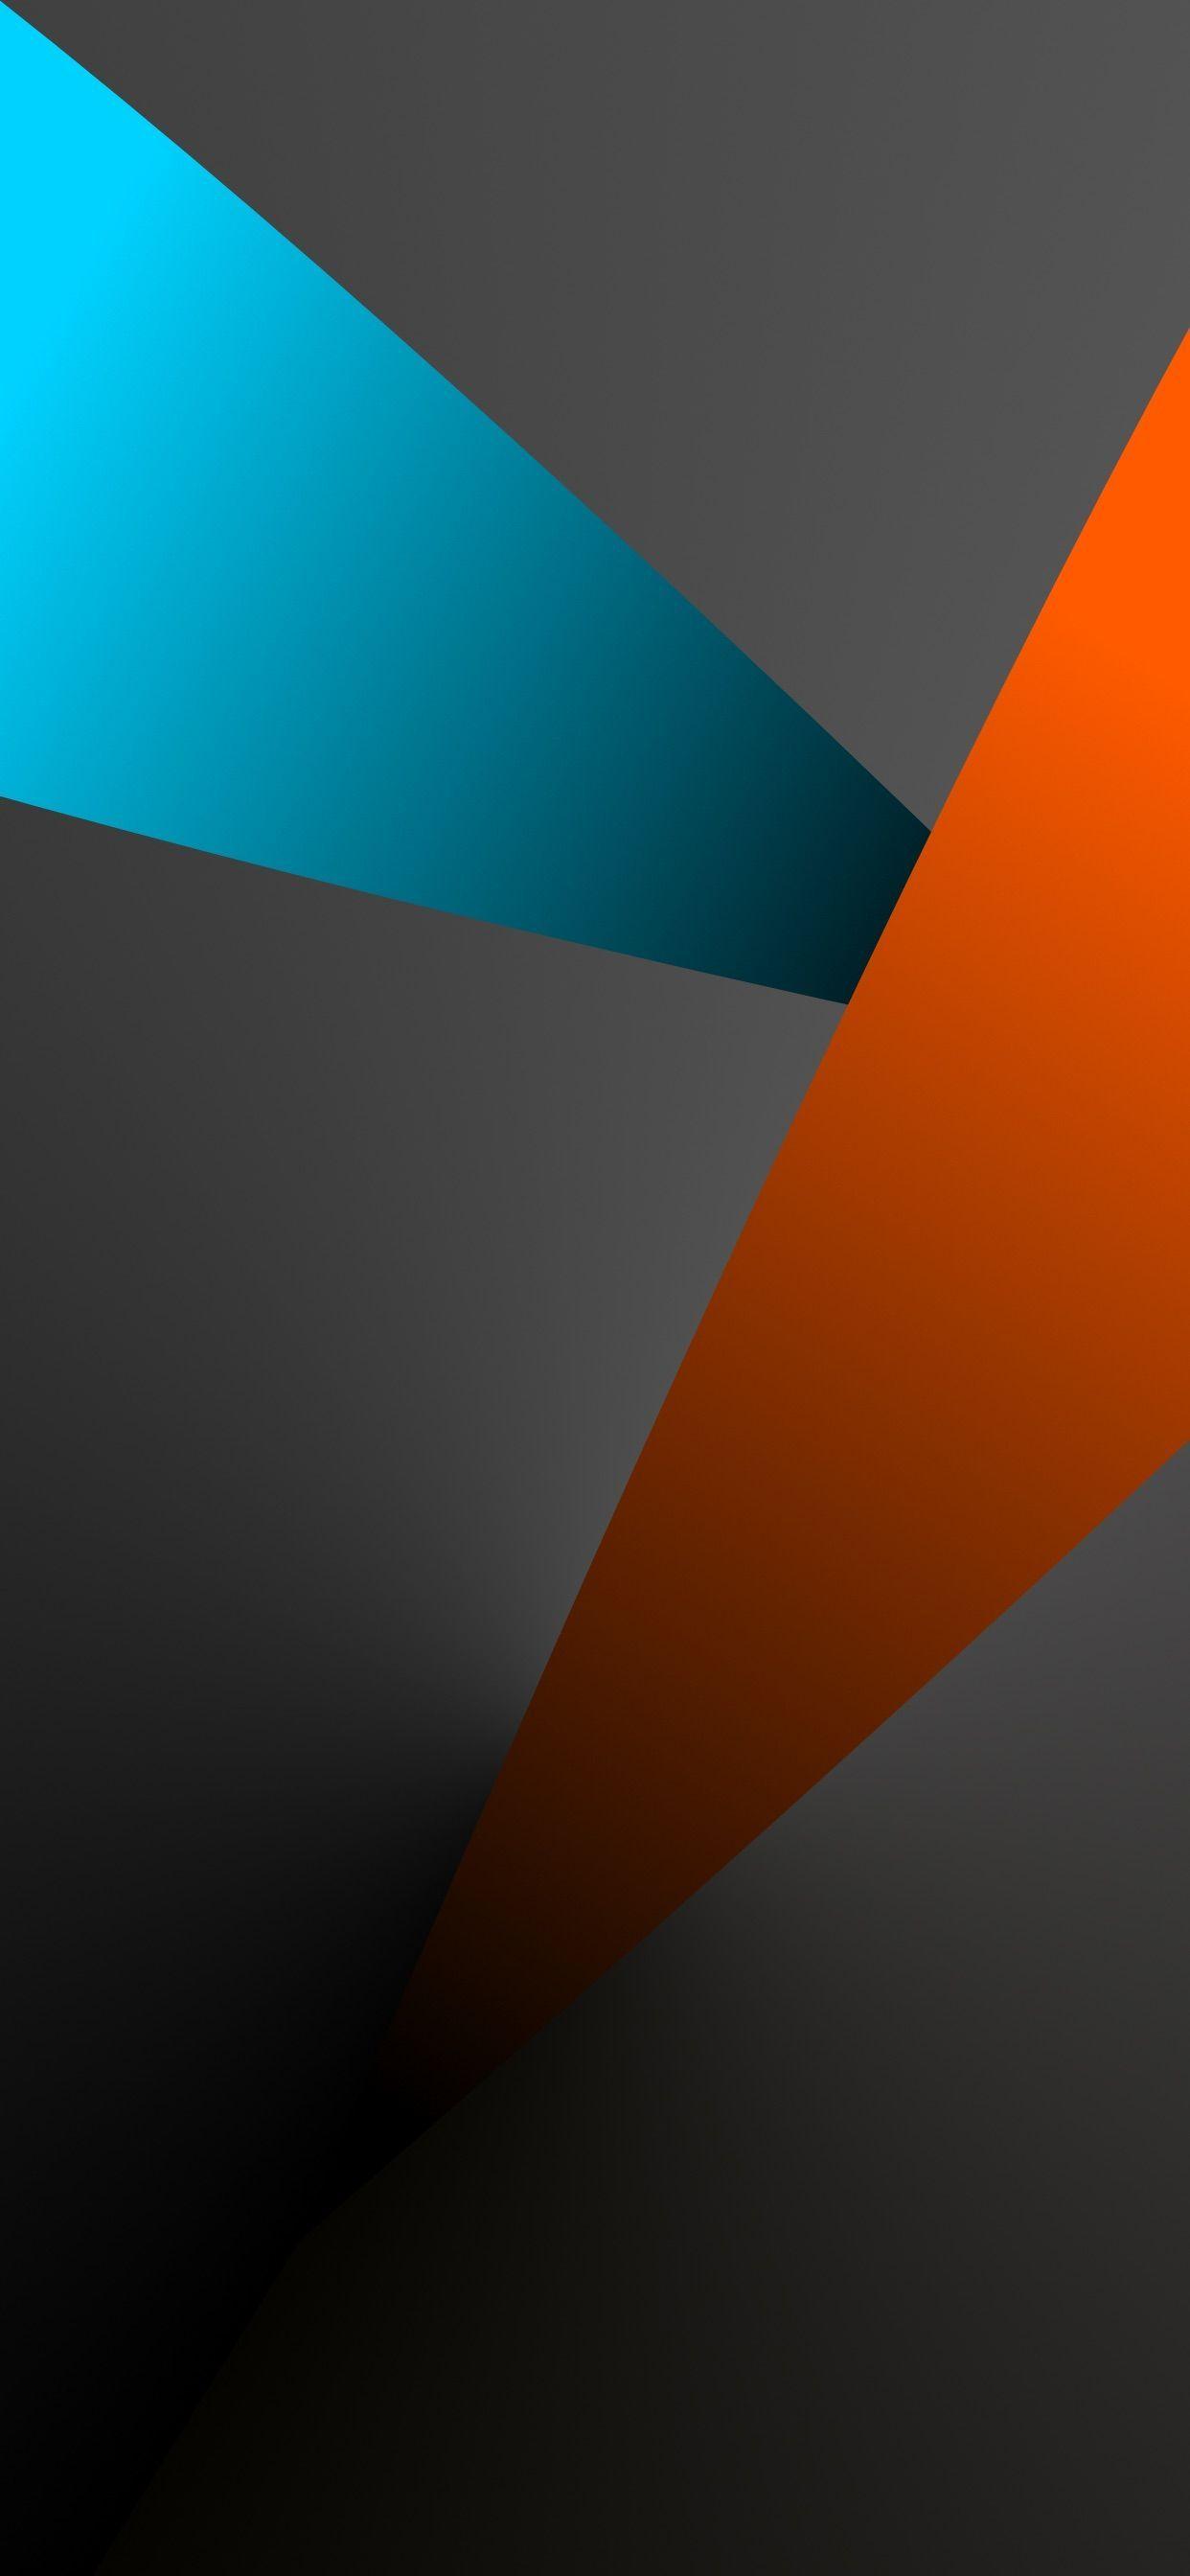 Iphonewallpaper Full Hd Hintergrundbildiphone Tapete Flower Iphone Wallpaper Abstract Wallpaper Backgrounds New Wallpaper